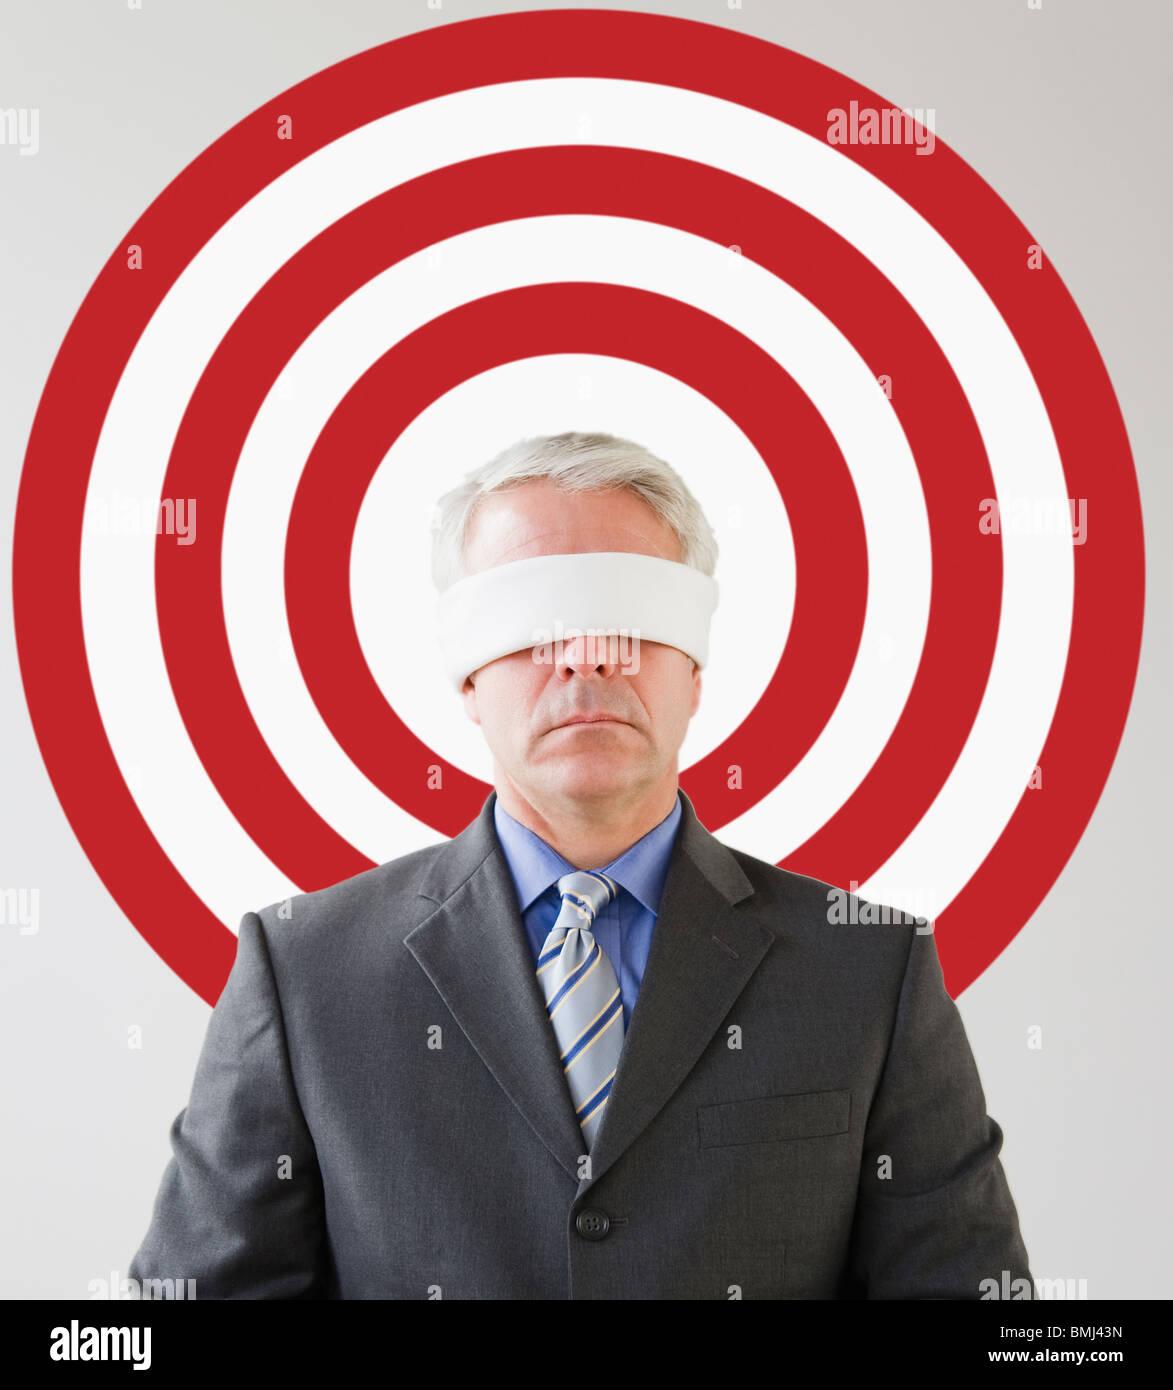 Blindfolded man standing in front of bull's eye - Stock Image